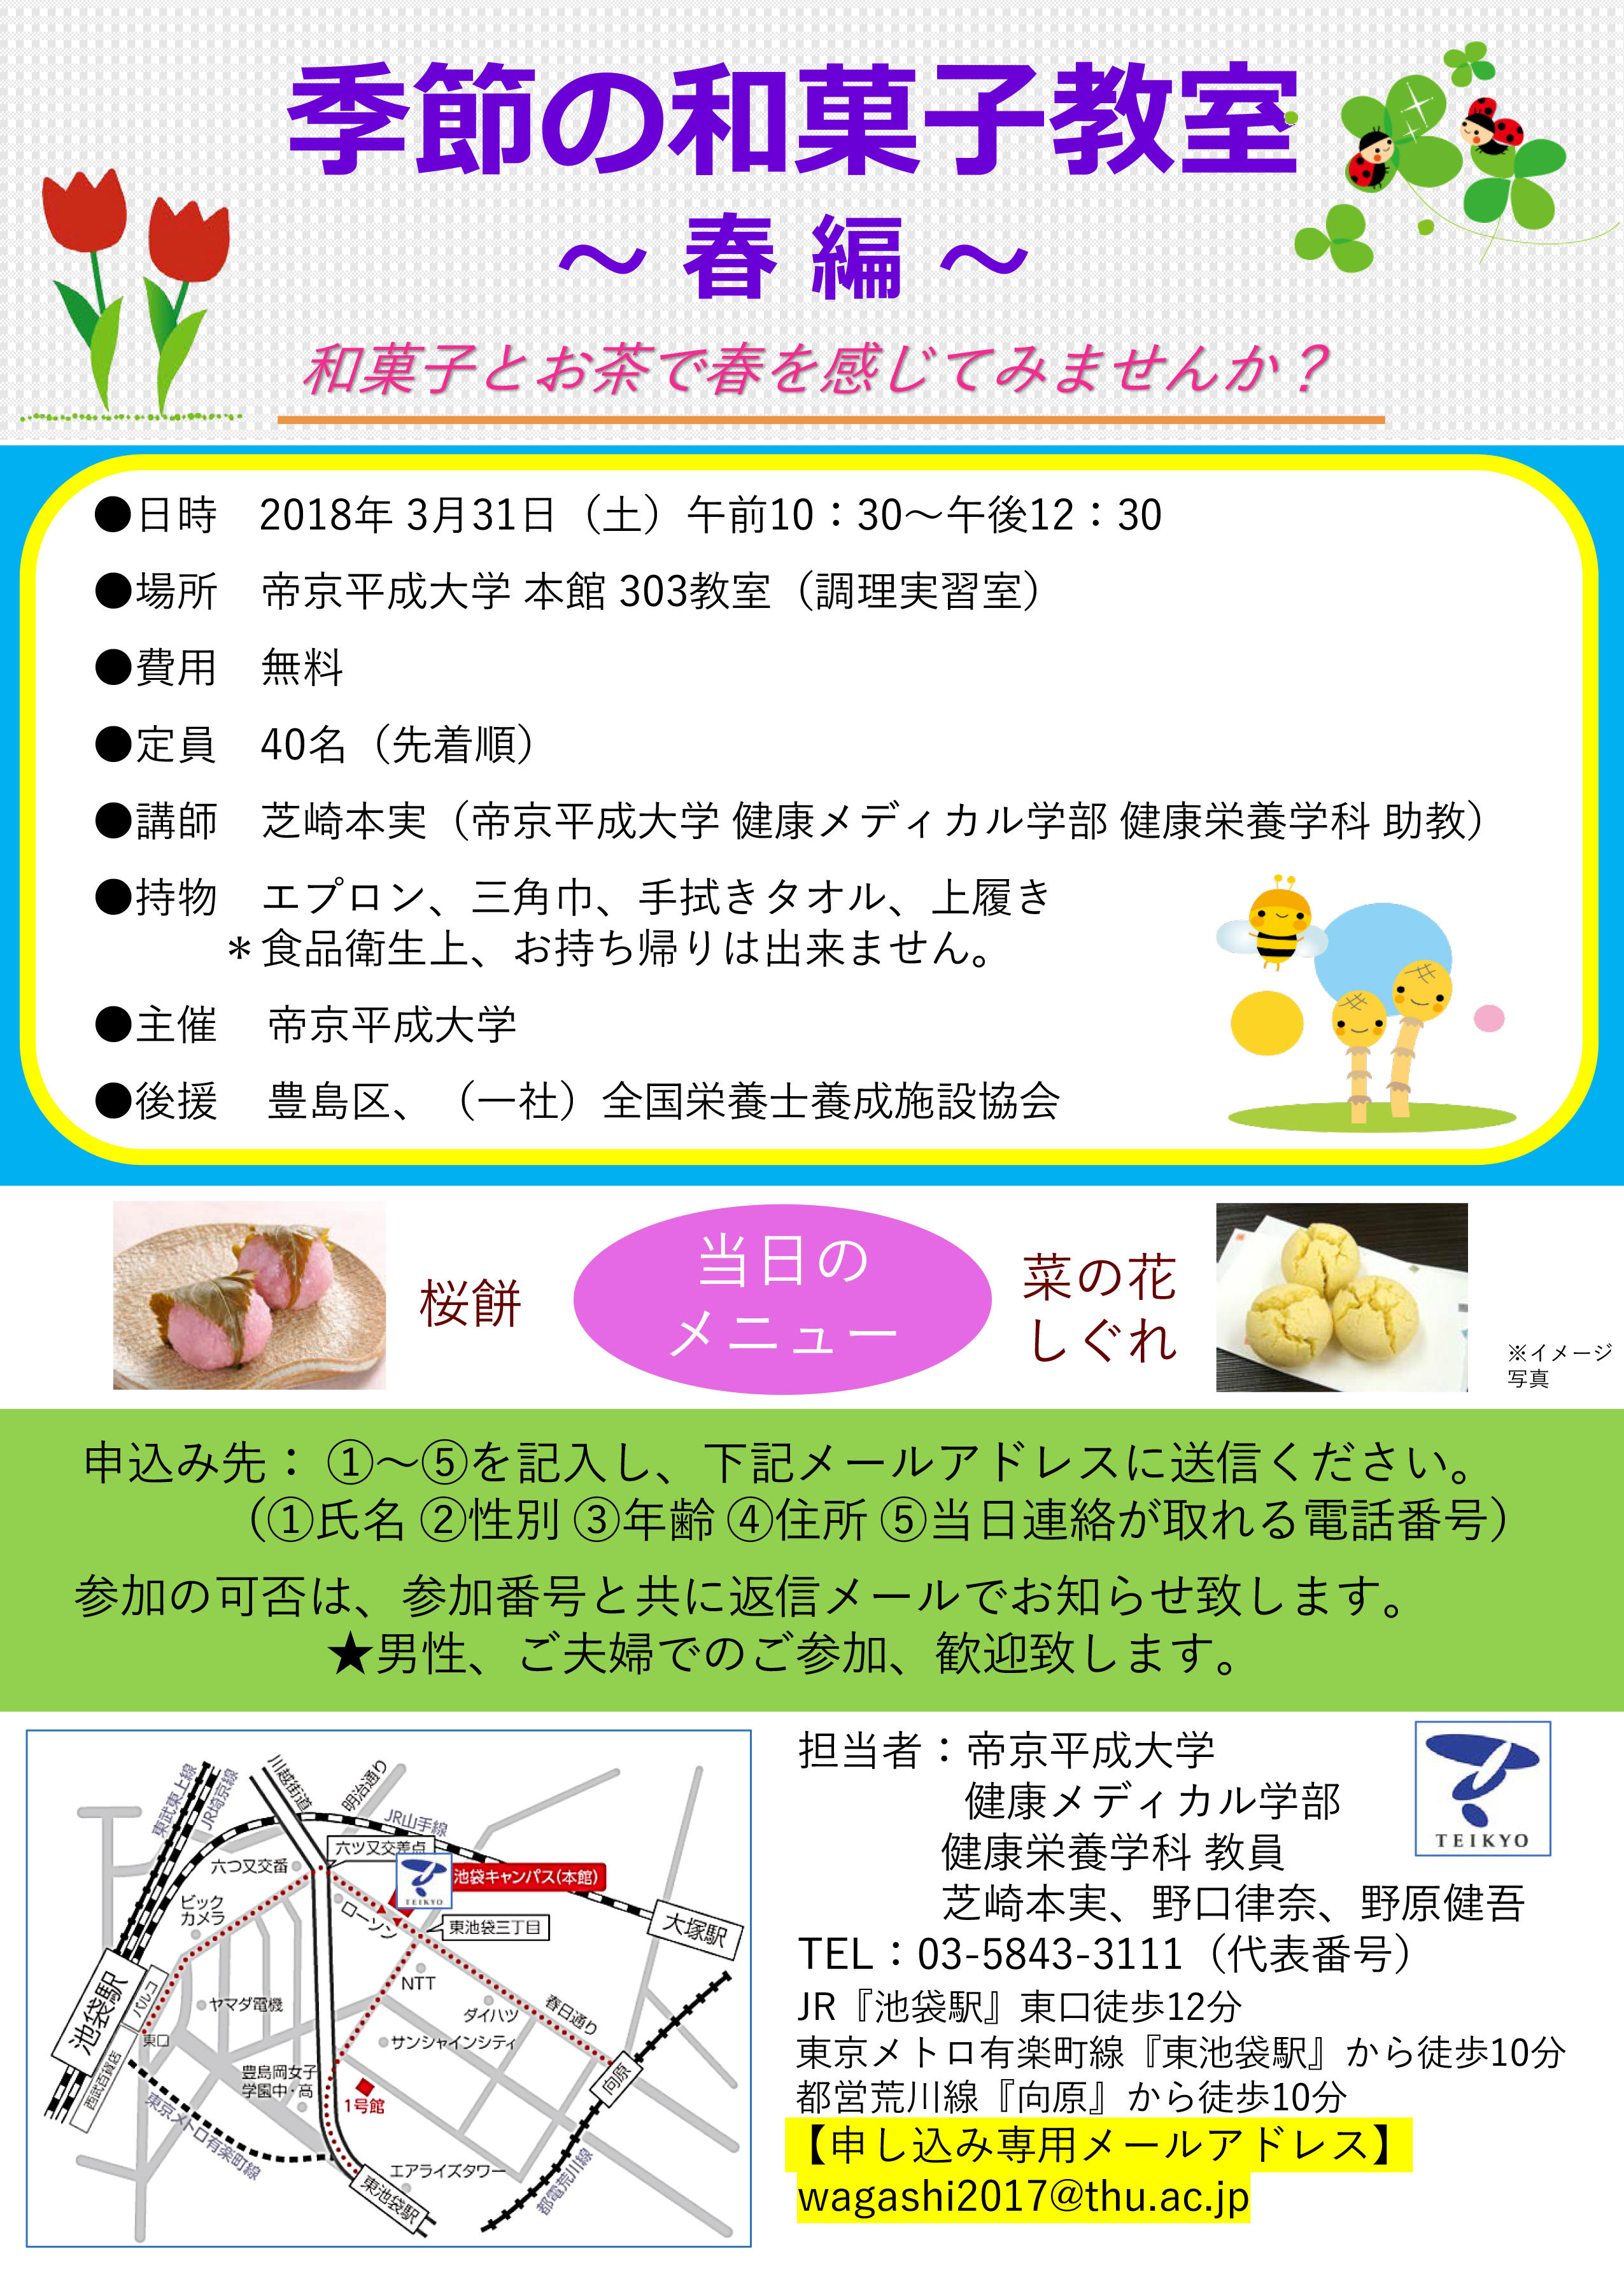 3月31日(土)池袋キャンパスにて「第2回 季節の和菓子教室~春編~」を開催 -- 帝京平成大学